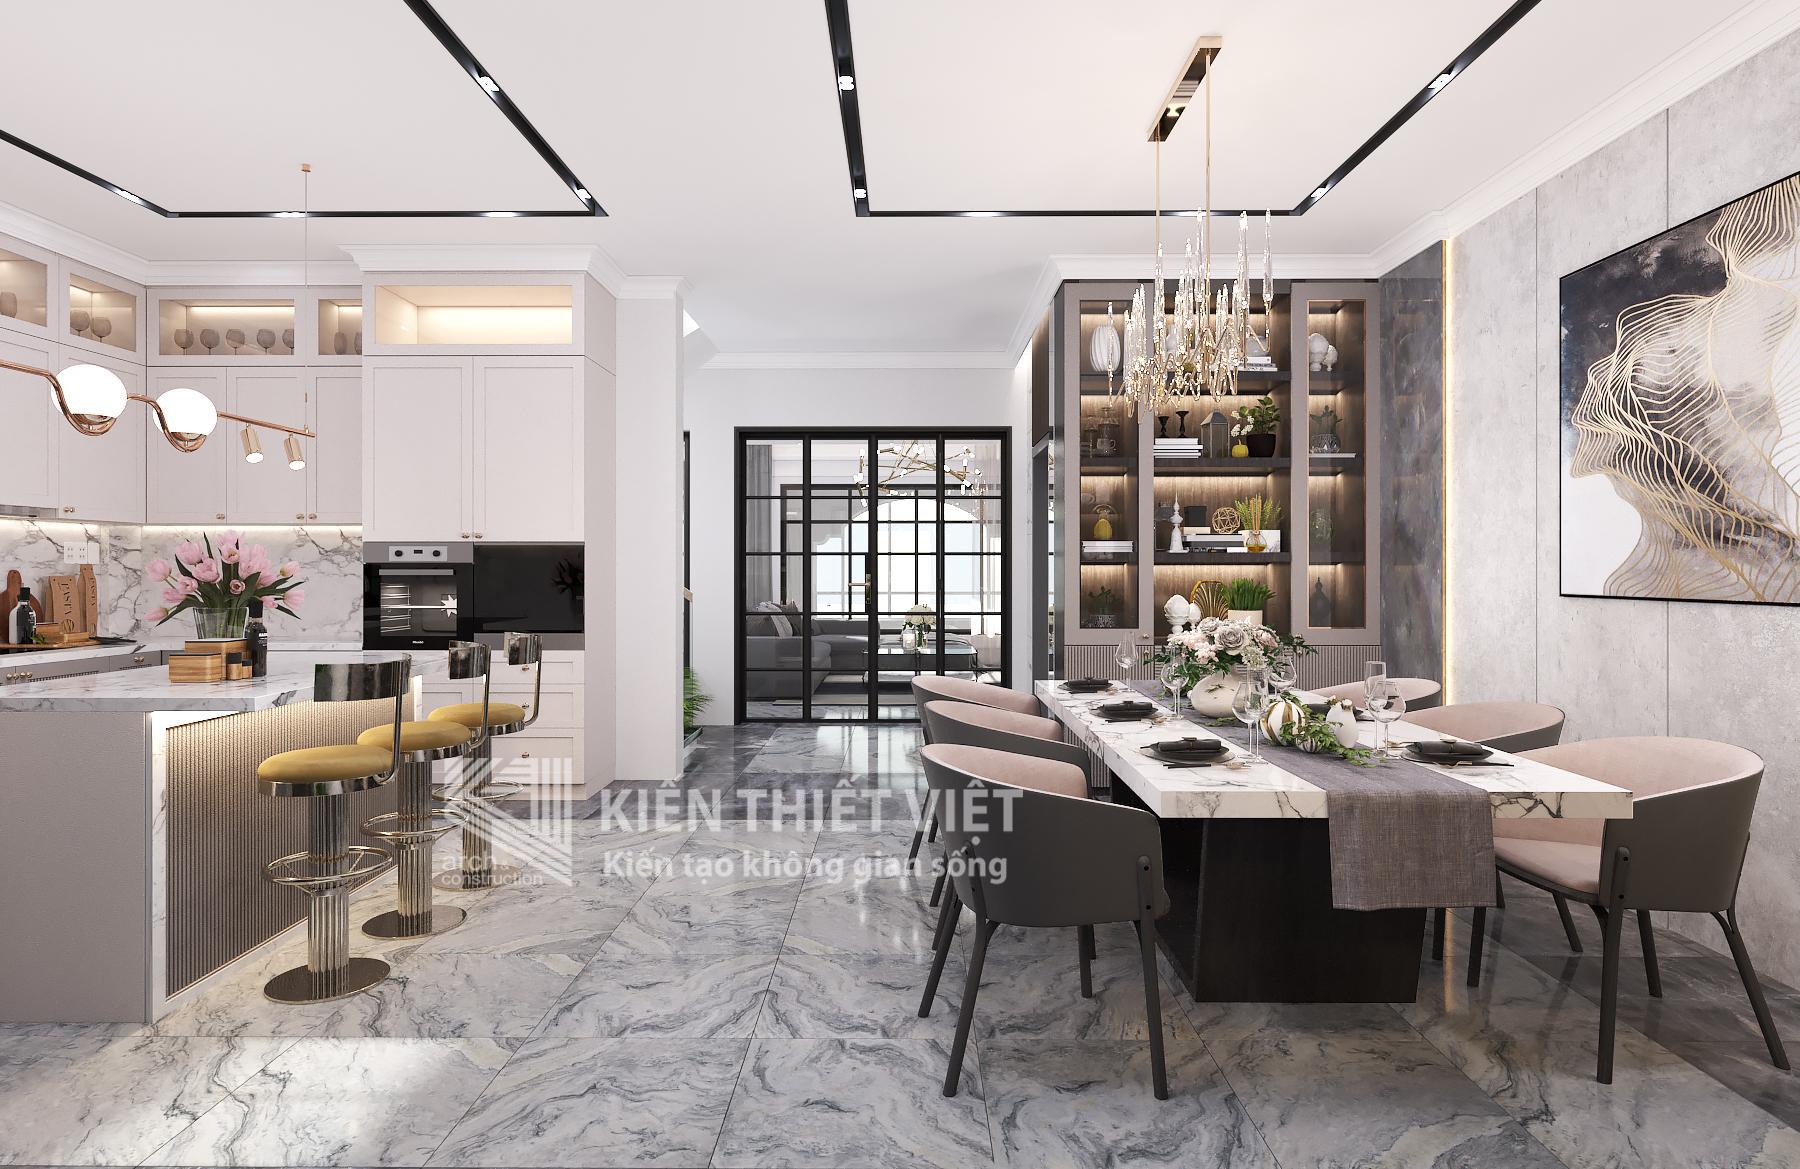 Thiết kế nội thất Nhà Mặt Phố tại Hồ Chí Minh Nhà phố Vườn Lài Tân Phú 1593399392 6